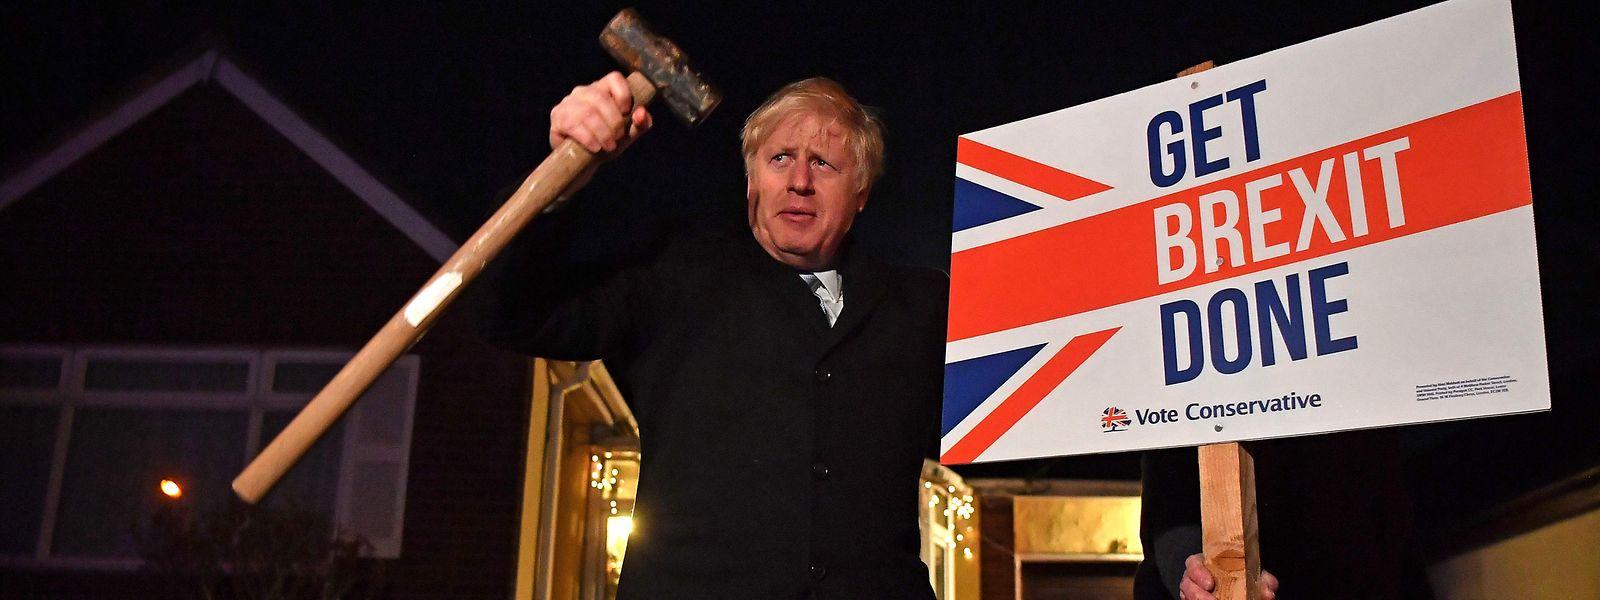 Boris Johnson, Premier ministre en exercice, a obtenu une confortable majorité aux dernières élections, ouvrant la voie à un Brexit rapide.